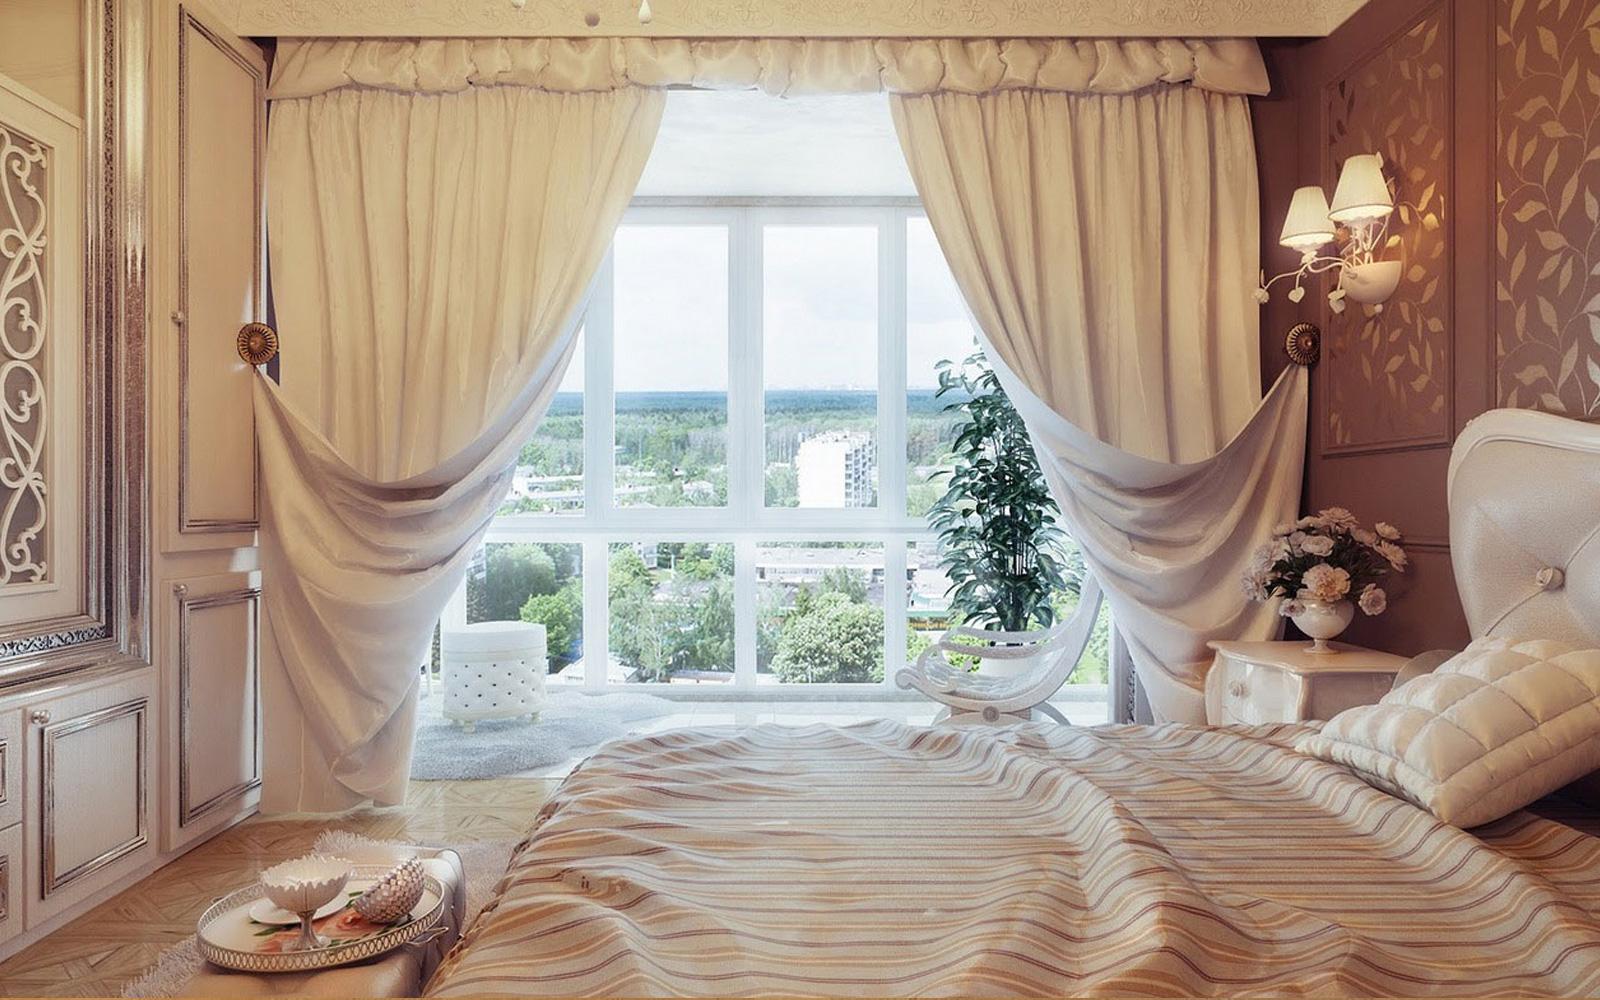 Curtains interior design